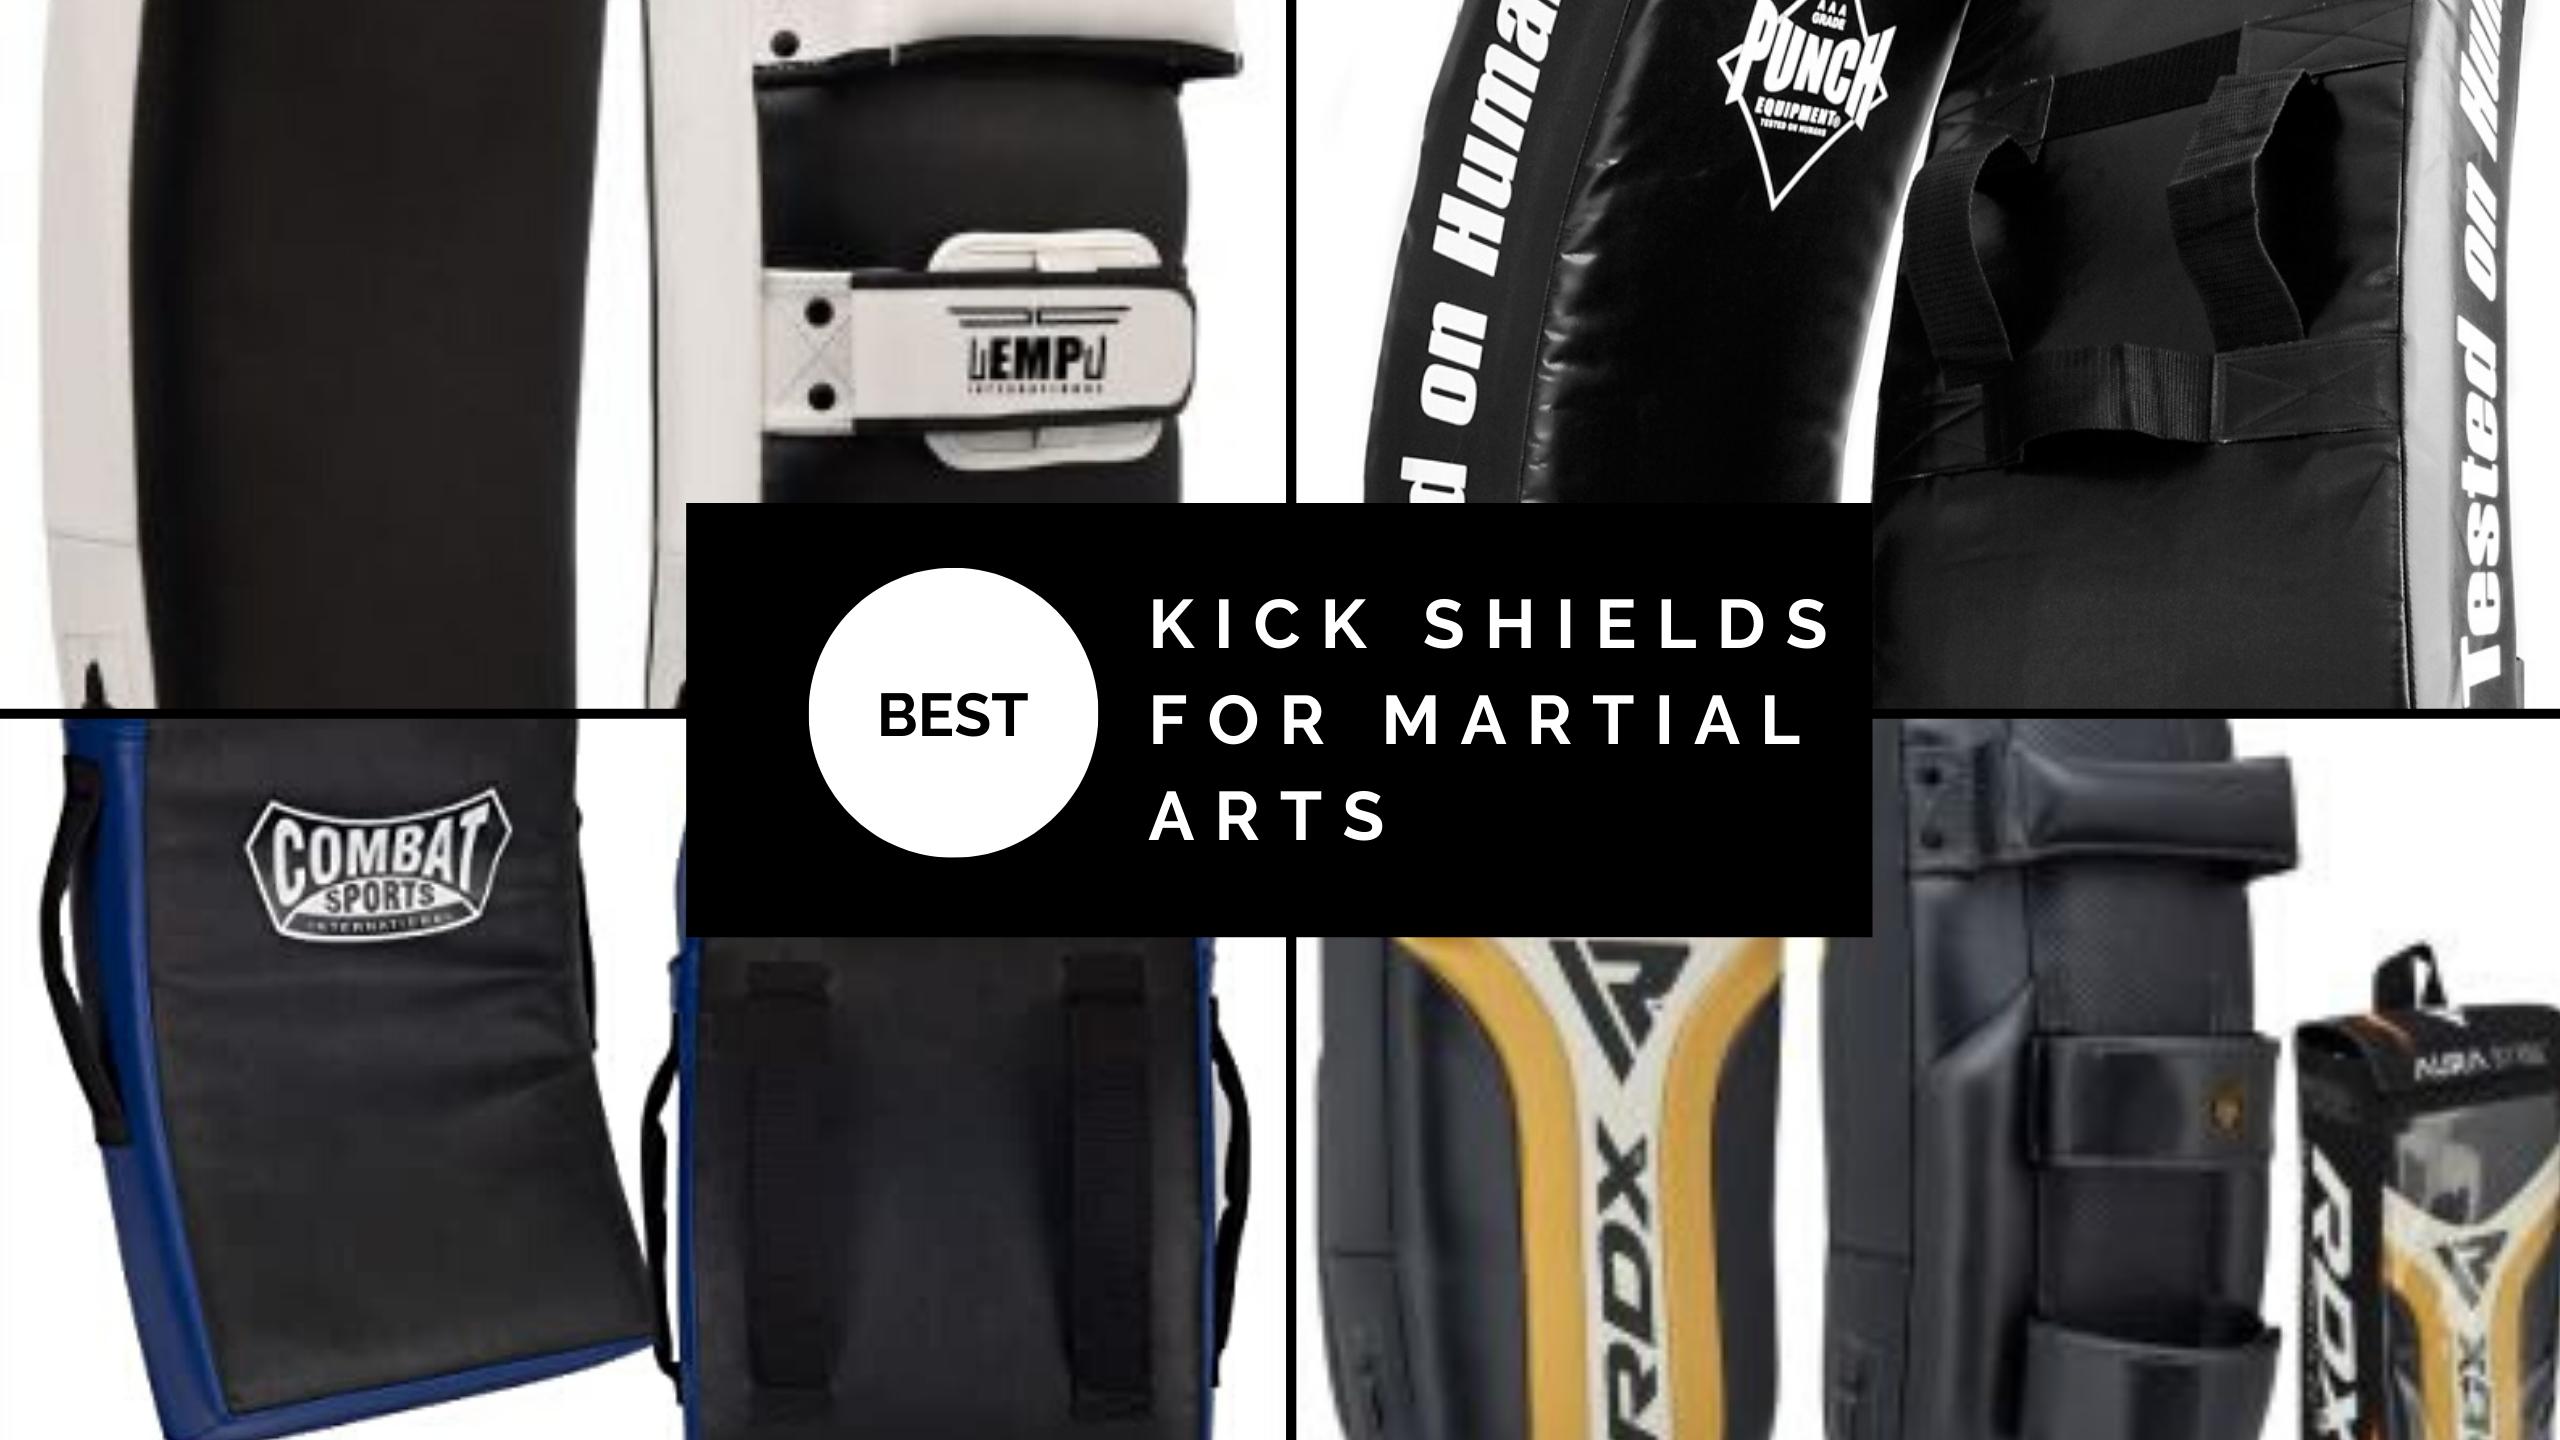 Best kick shields for MMA